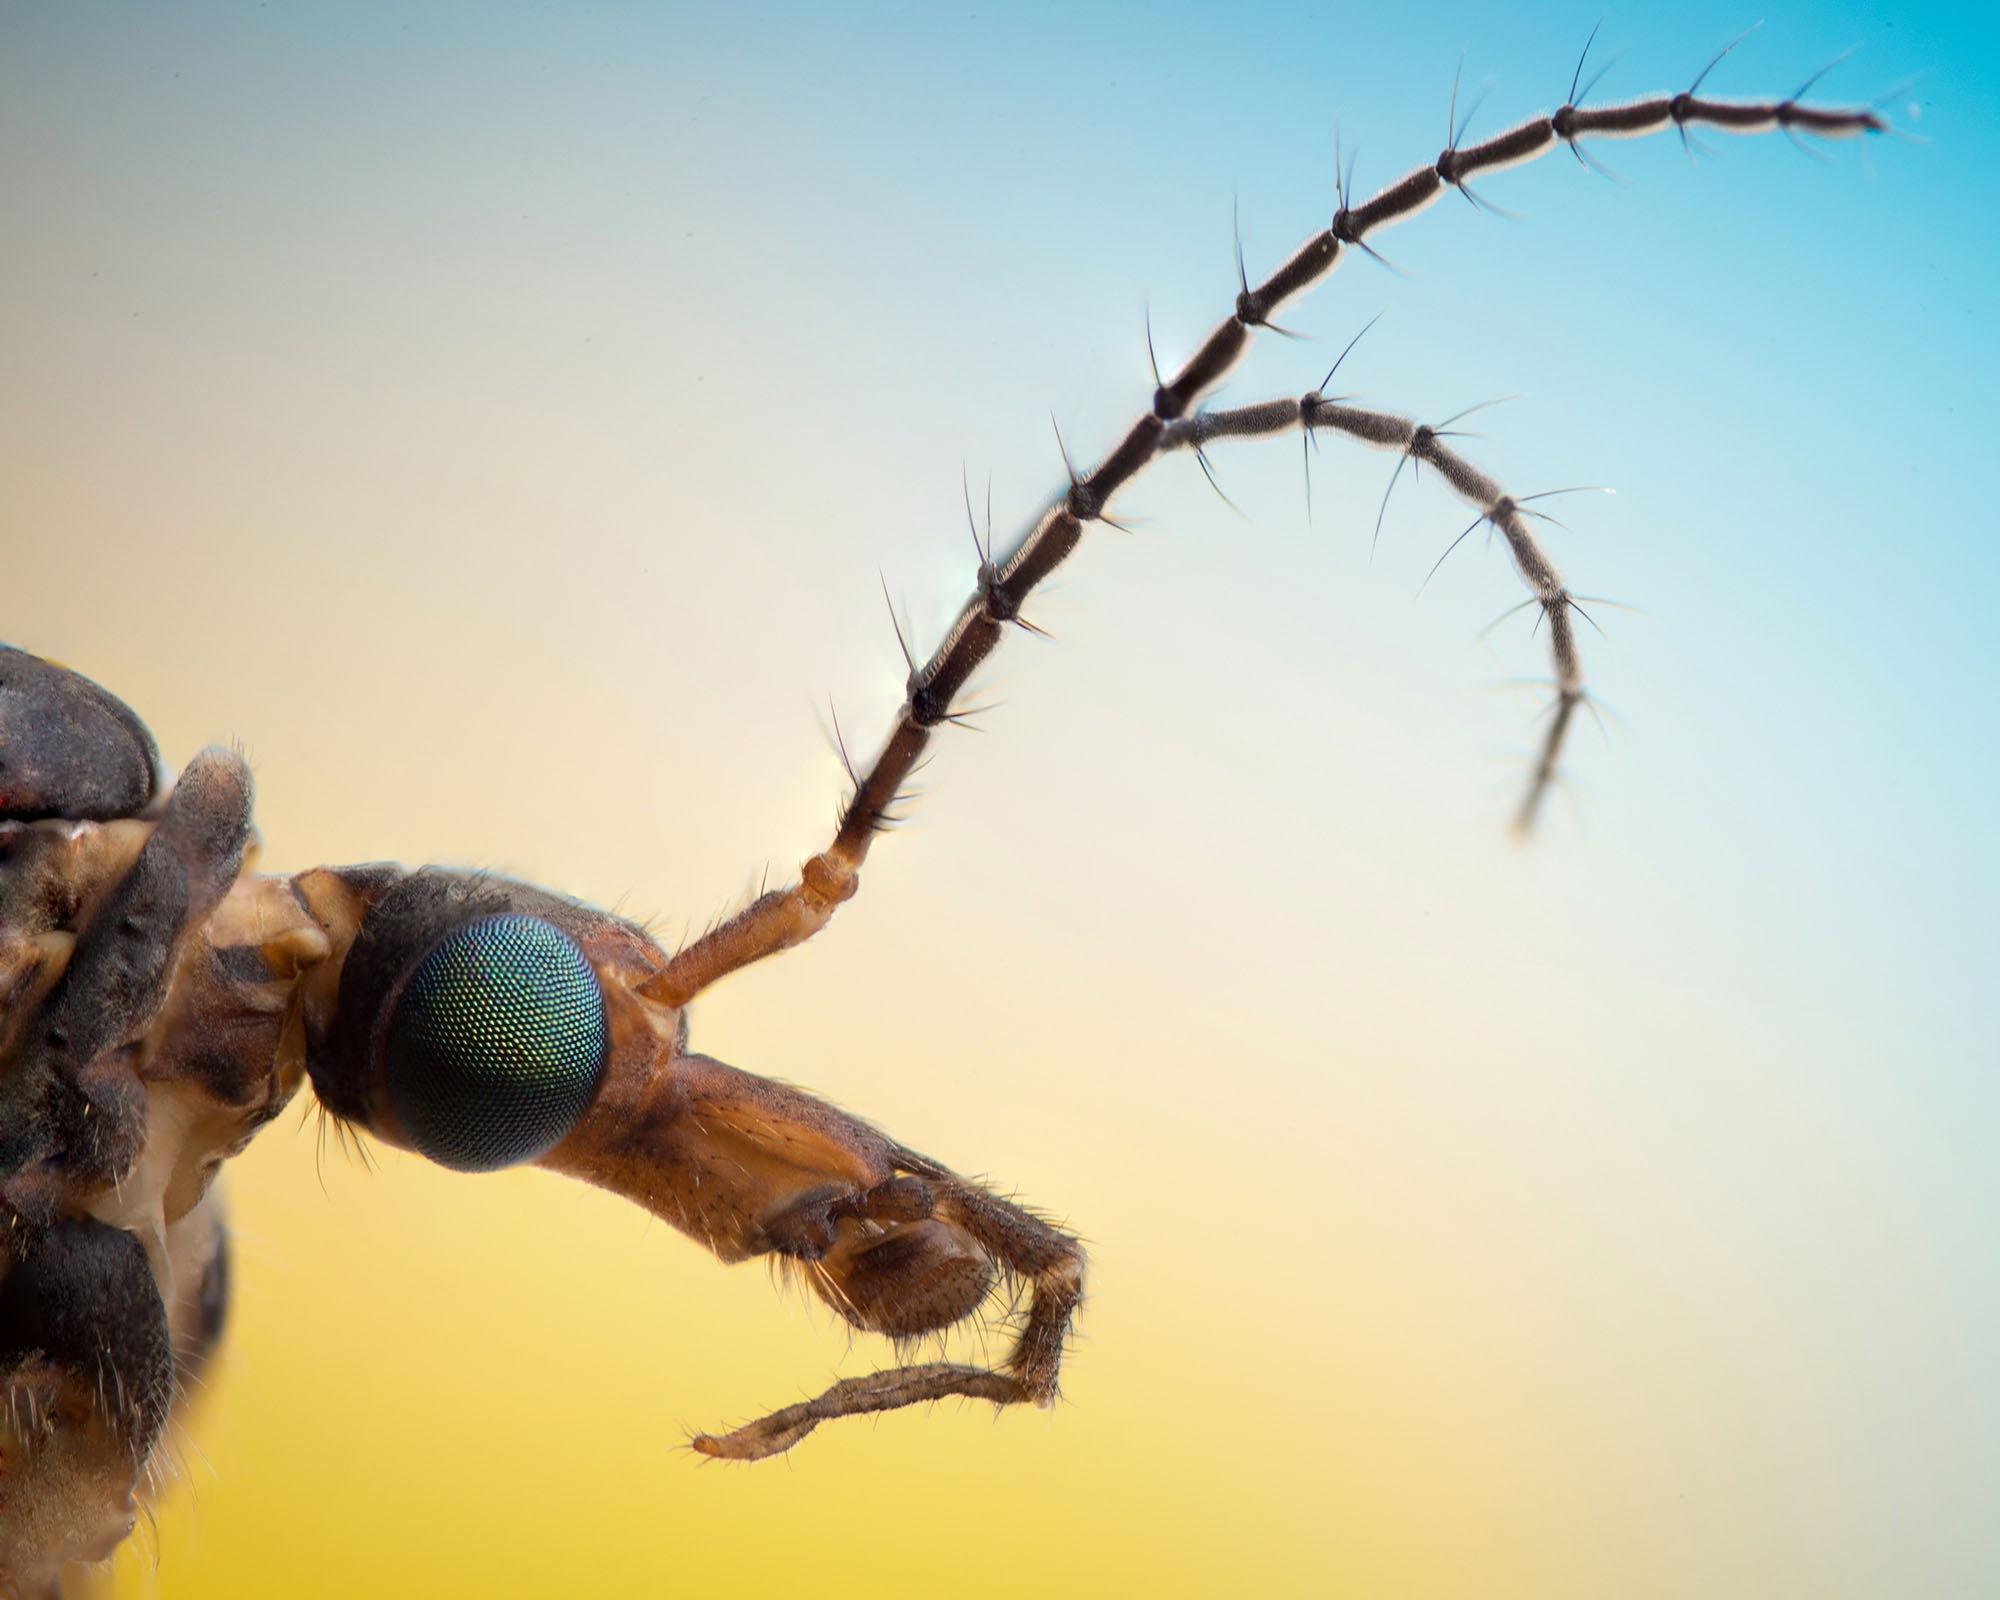 Crane Fly by Mindaugas Balčiauskas